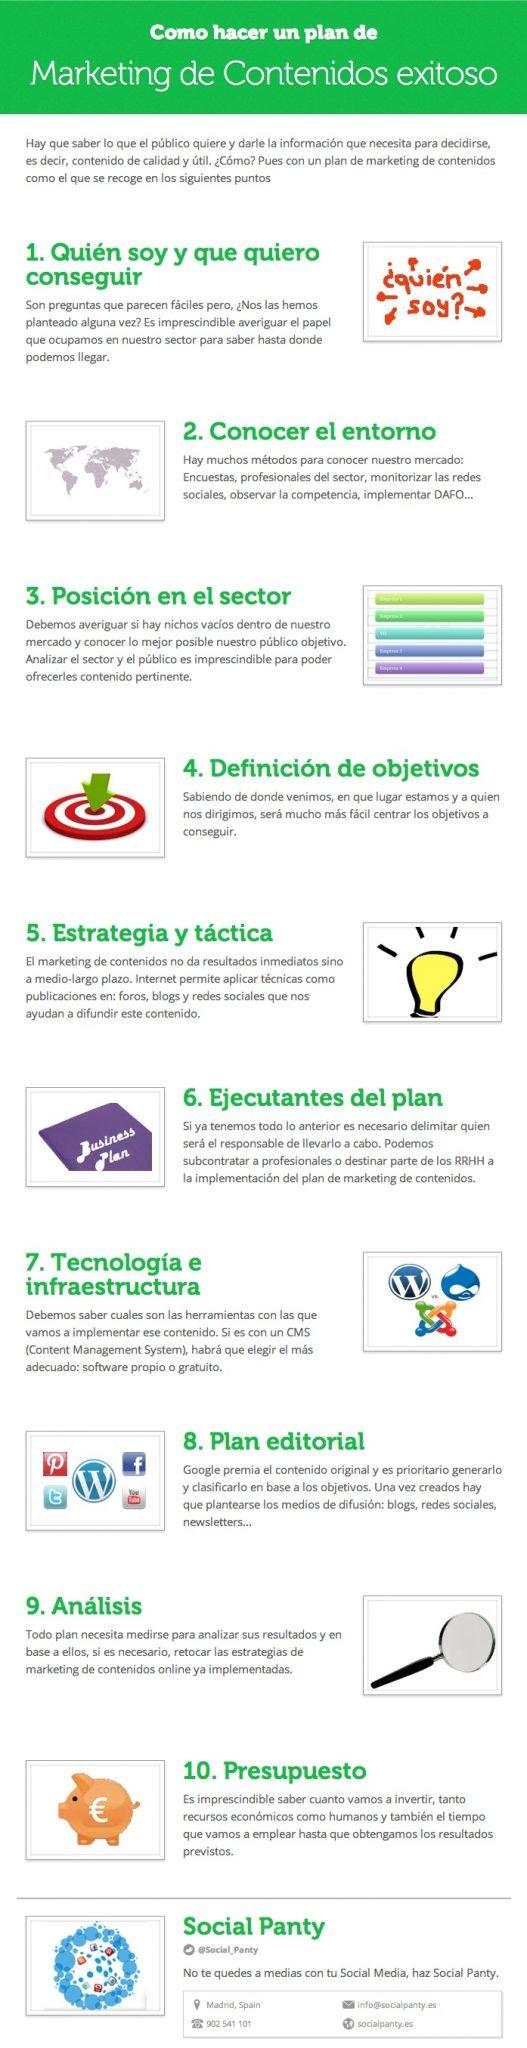 10 pasos para hacer un plan de Marketing de Contenidos con éxito #Info